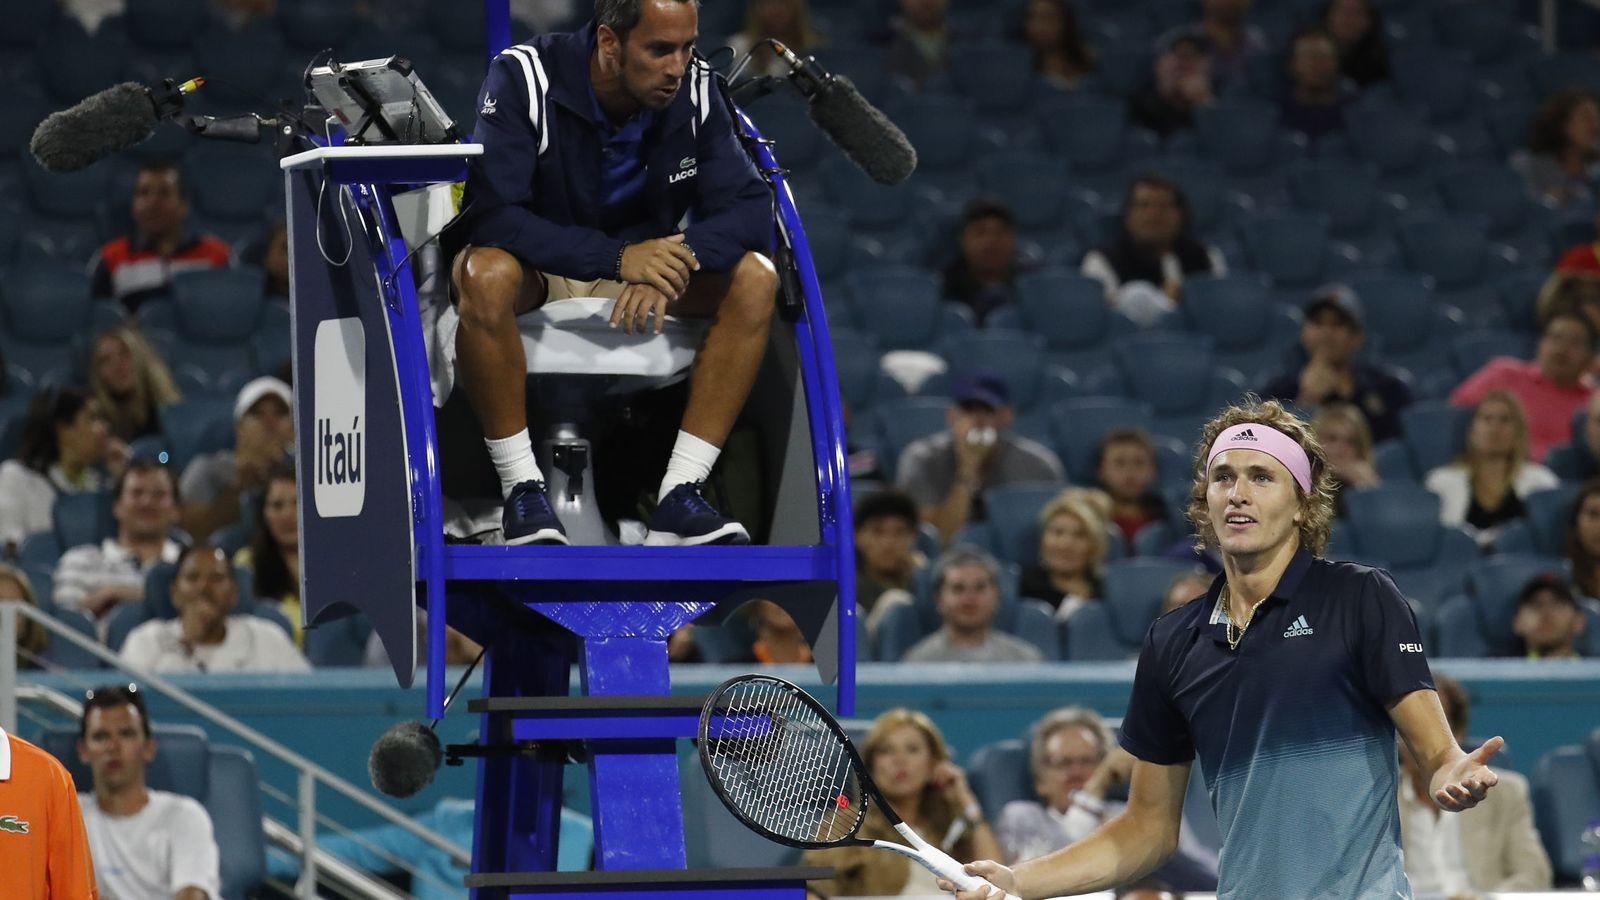 Foto: Damián Steiner durante el pasado Miami Open. (Reuters)